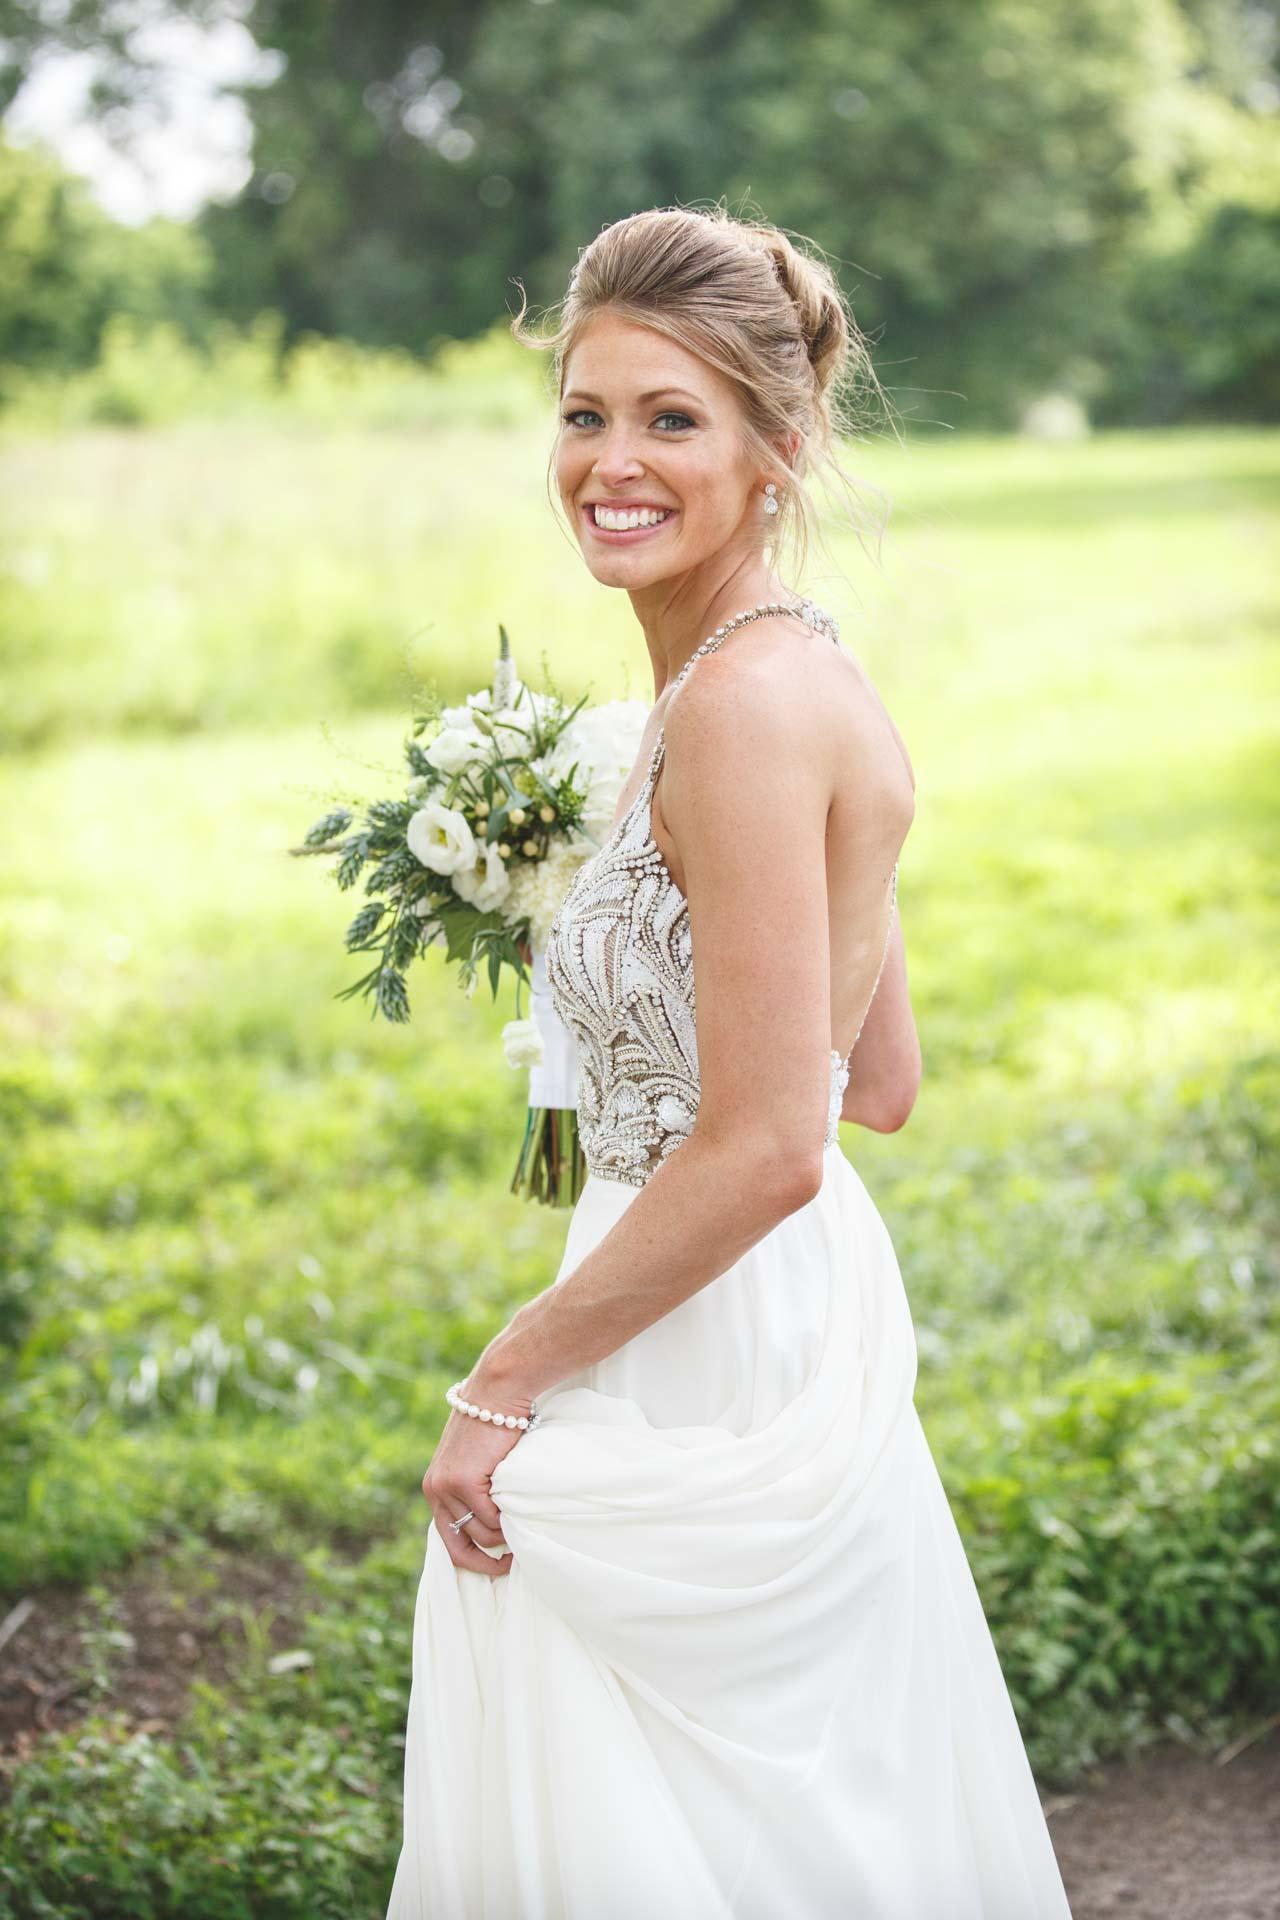 Farmington-Gardens-Wedding-Photos (42 of 66).jpg